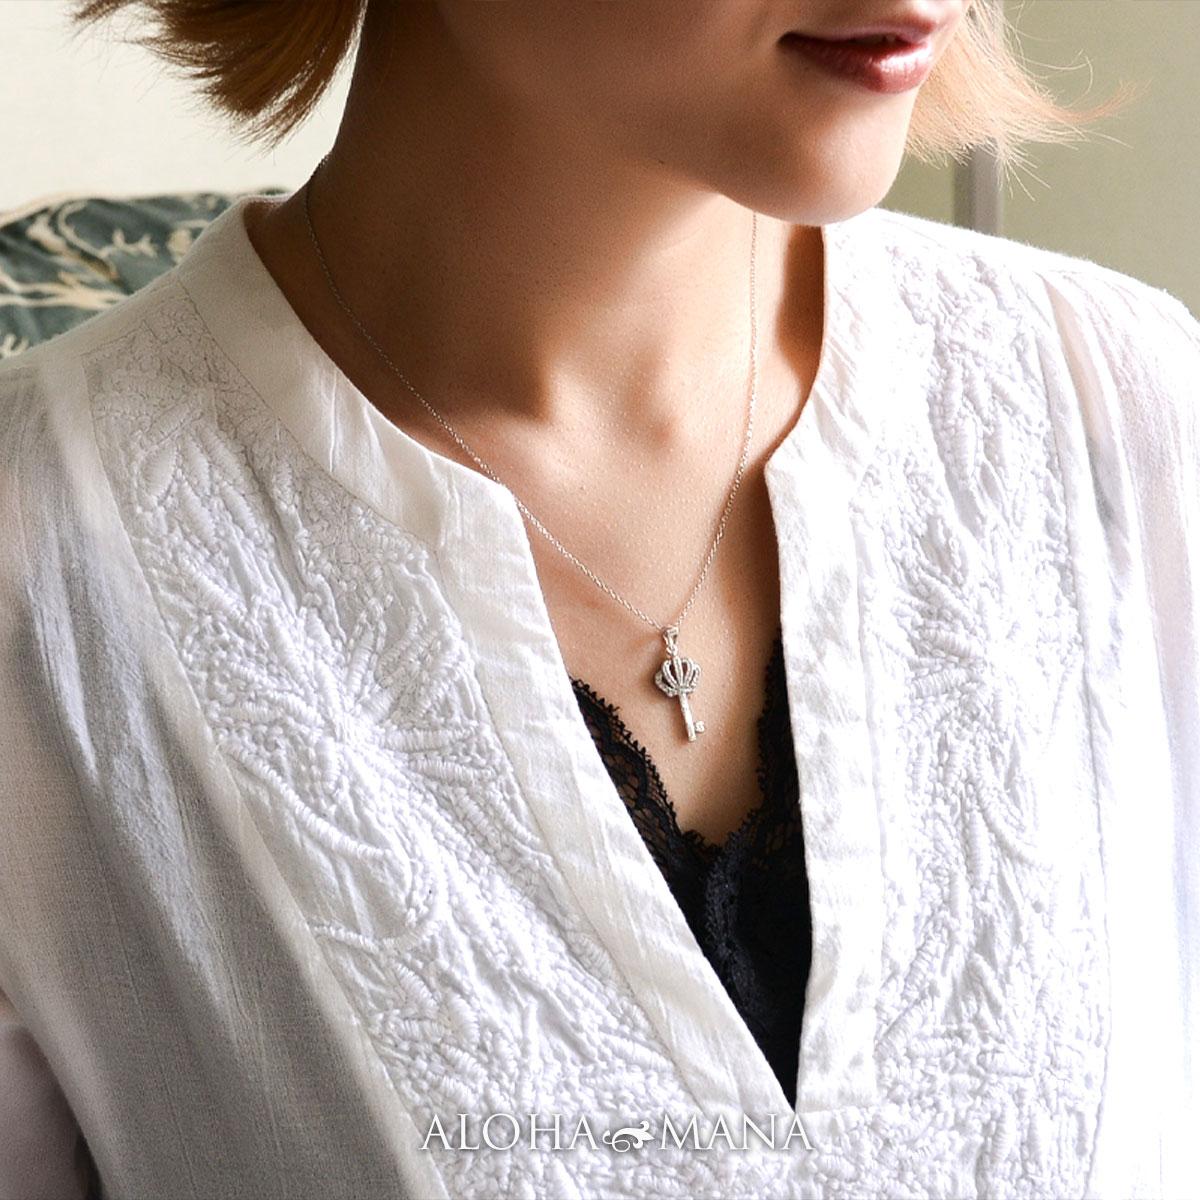 ハワイアンジュエリー ネックレス レディース クラウンキーチャーム ペンダント・ネックレス 手彫り チェーン付き シルバー925製 CZ キュービックジルコニア ペンダント ネックレス bpd1580 新作